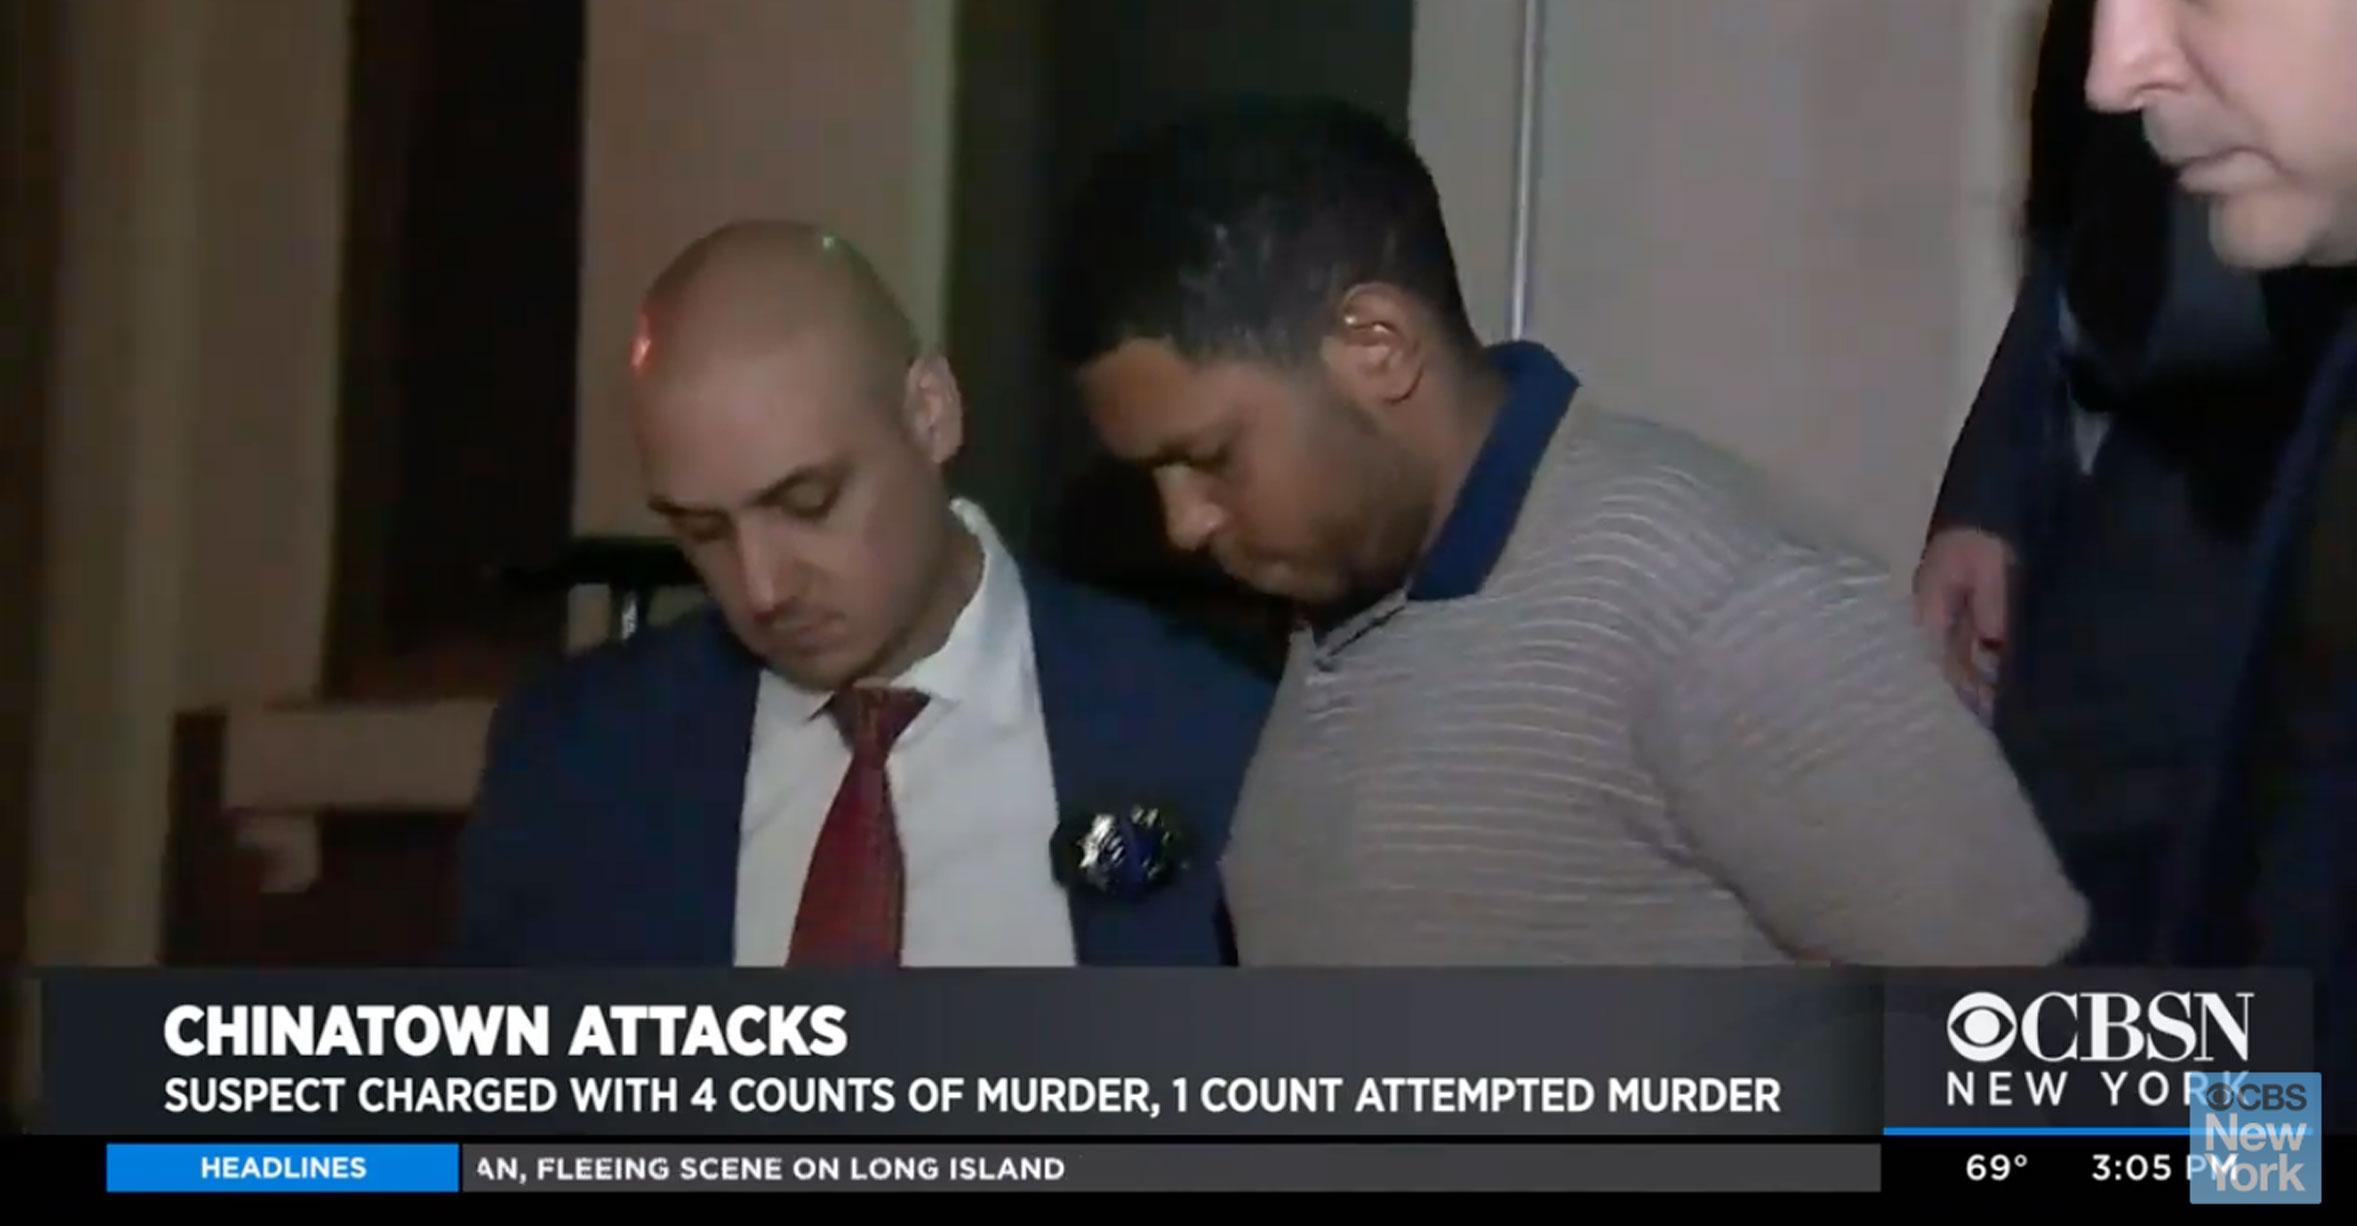 Νέα Υόρκη: Άστεγος serial killer – Σκότωσε τέσσερις ανθρώπους στην Chinatown – Video σοκ